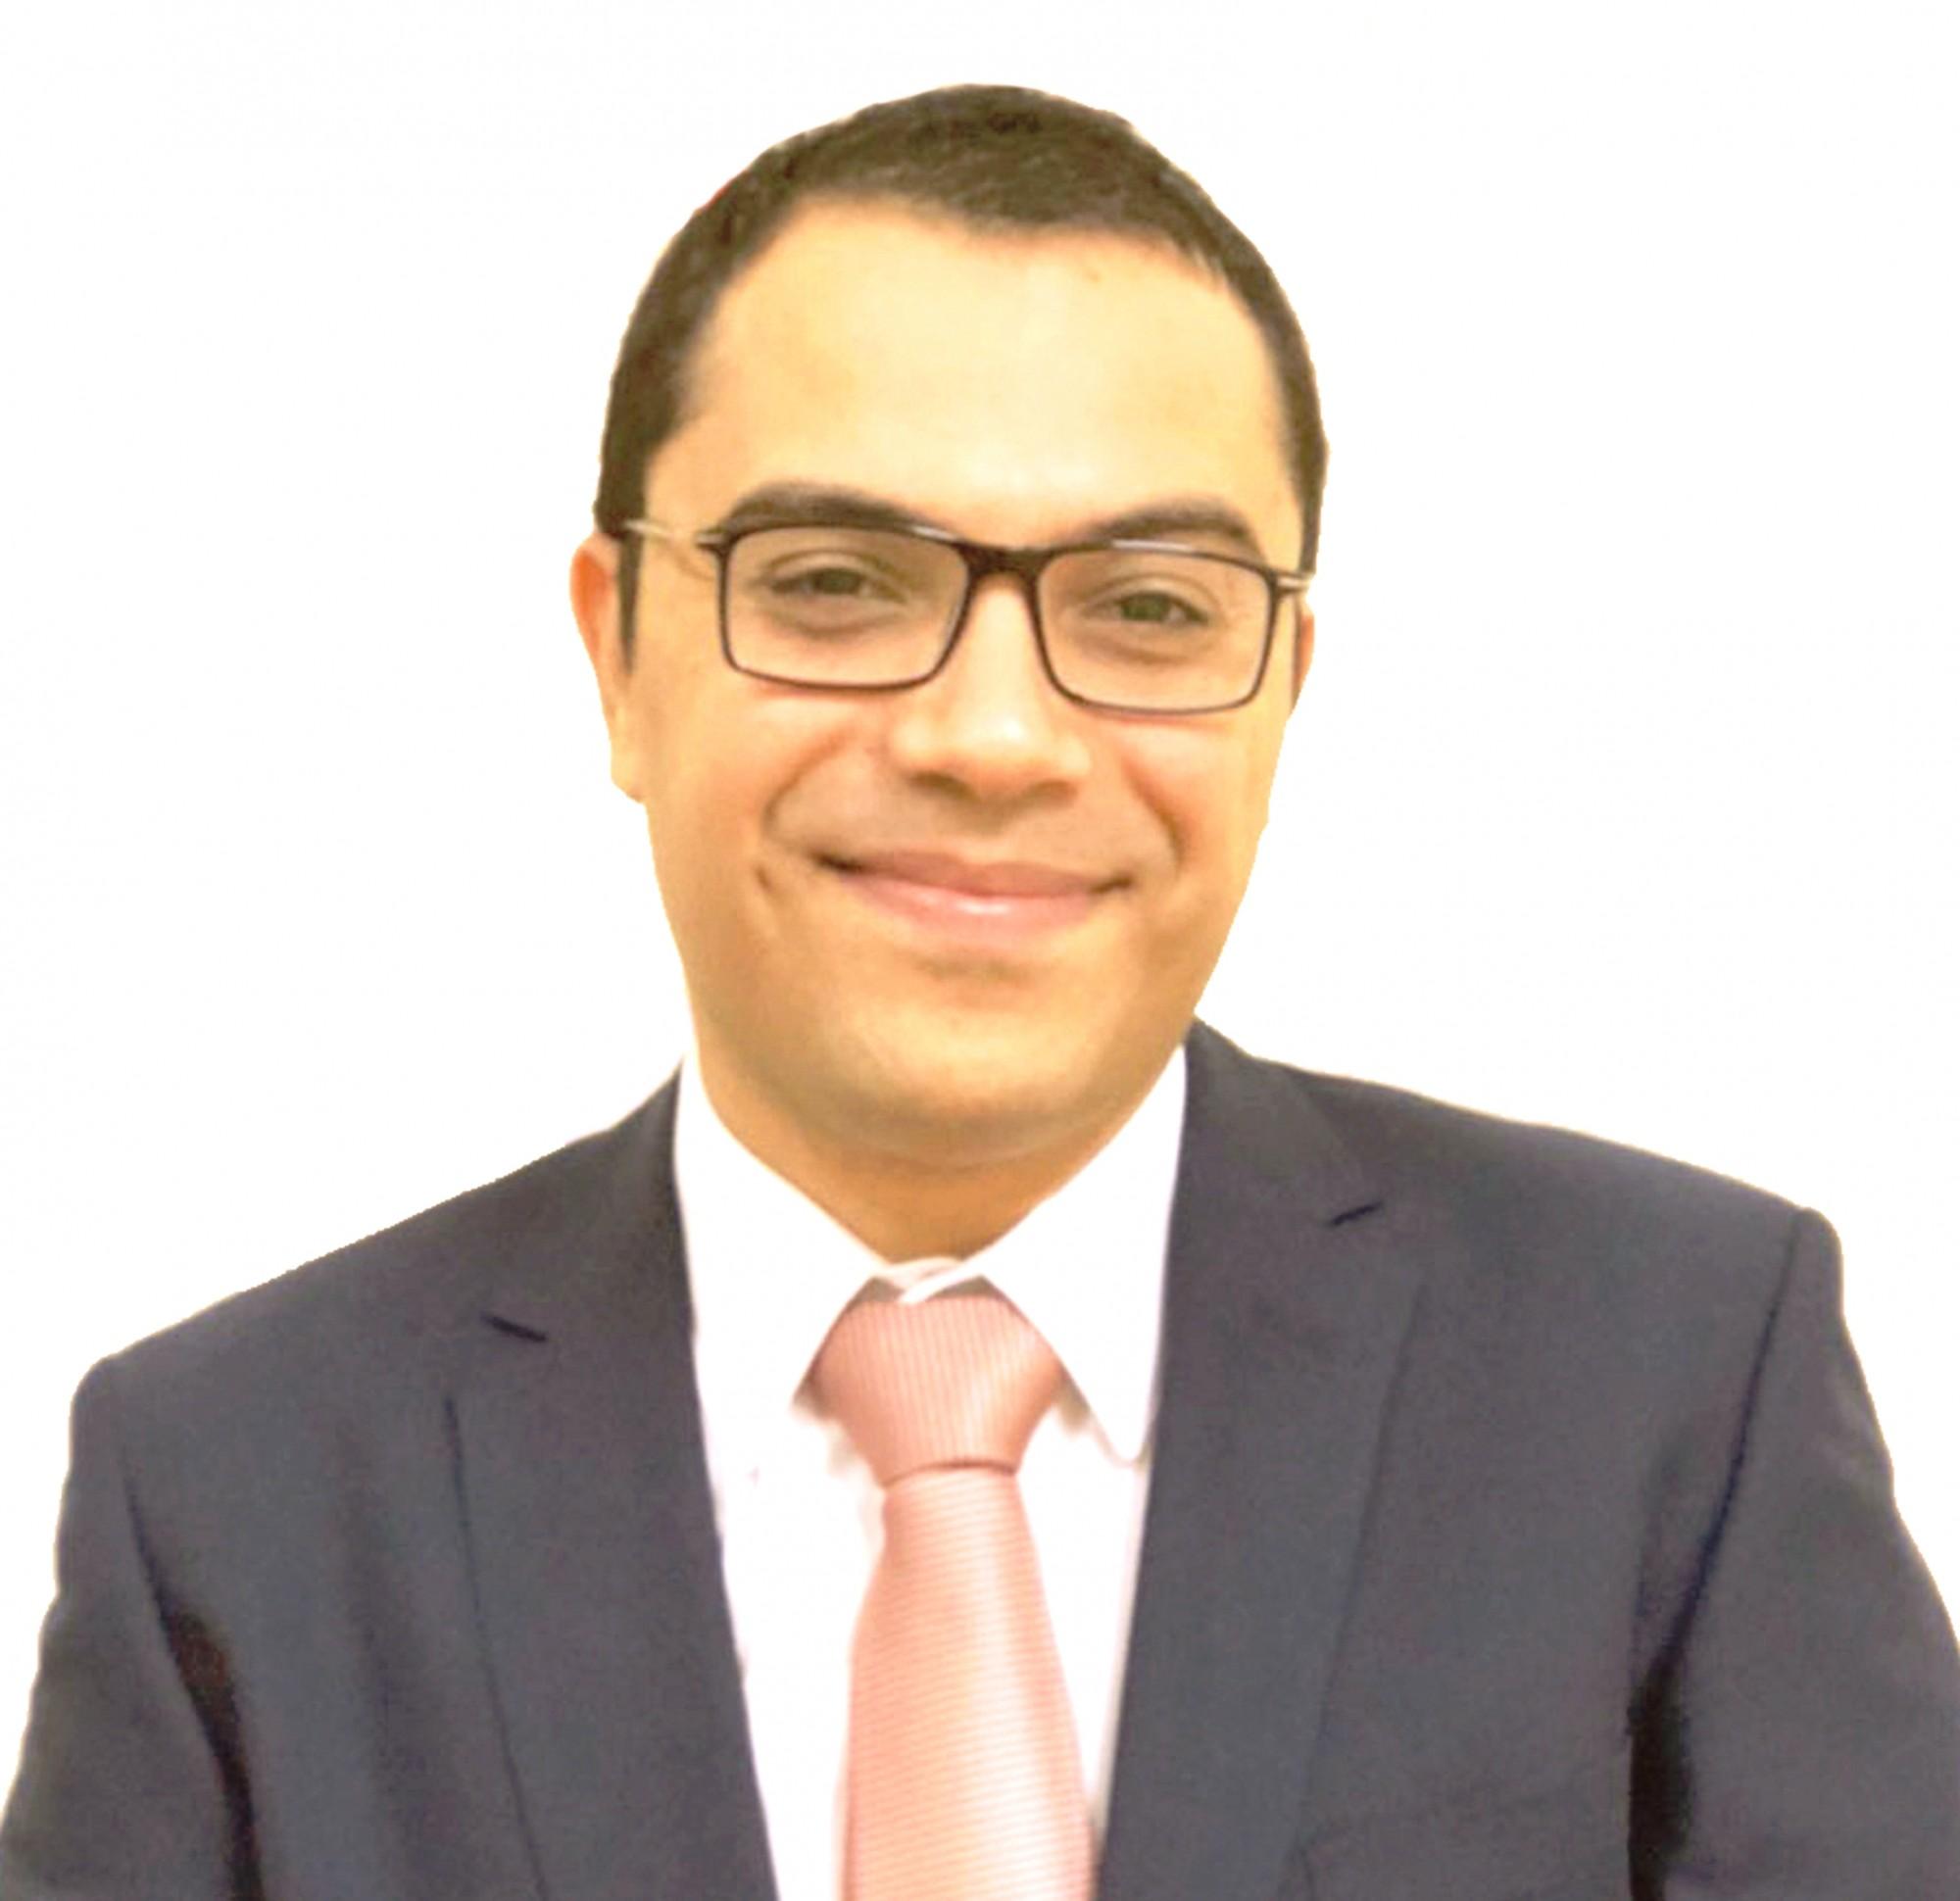 Sam Ibrahim